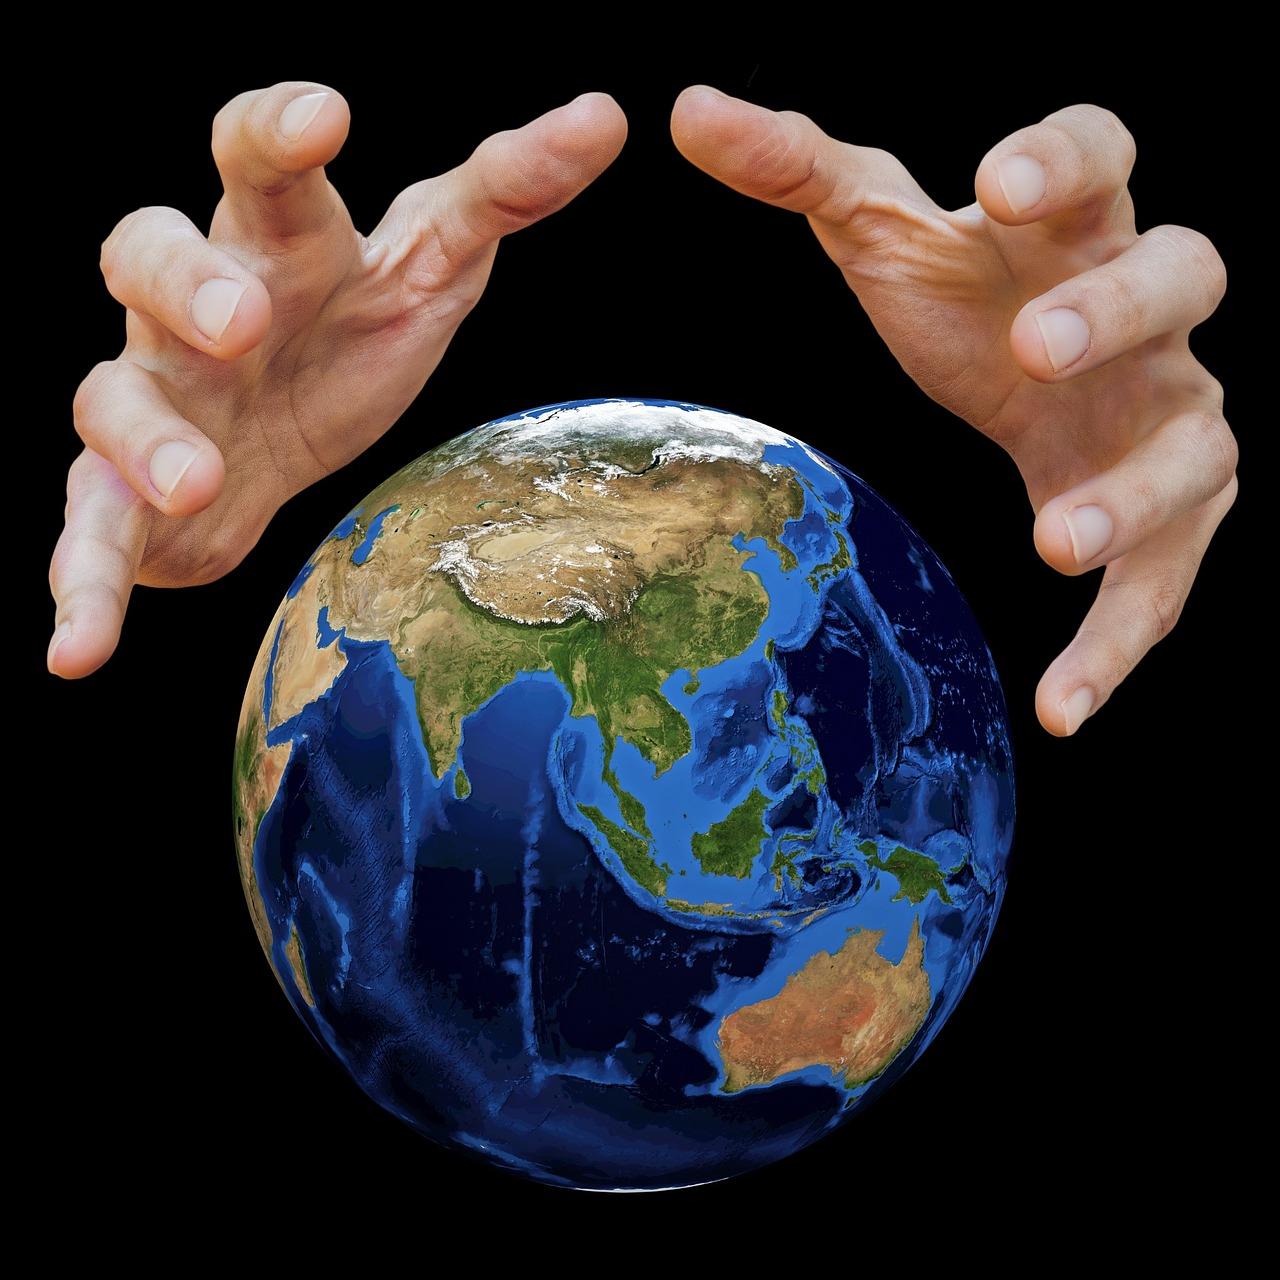 этом заключается картинка земной шар в руках характер размытия фотографии